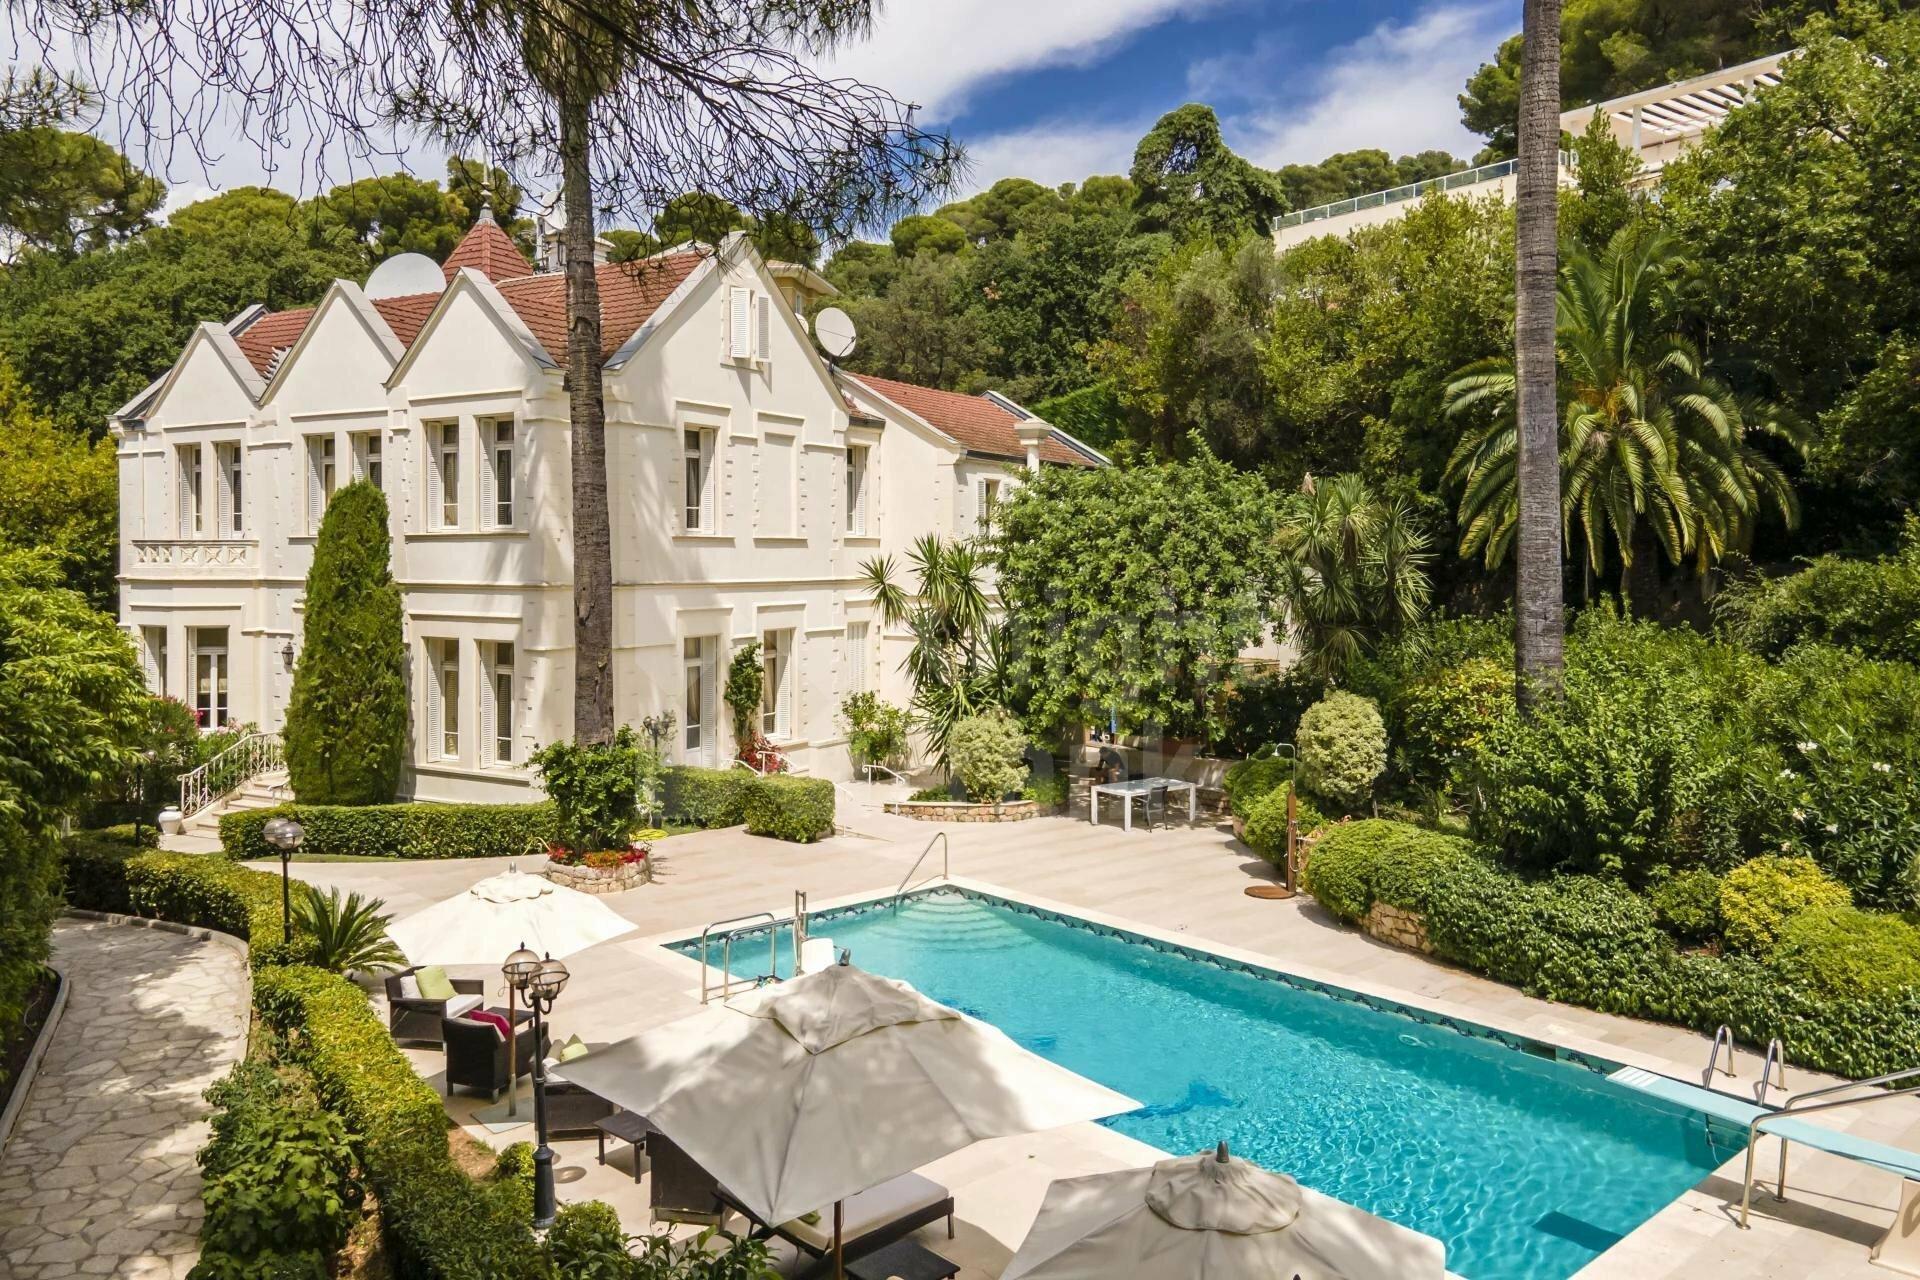 Villa in Cannes, Provence-Alpes-Côte d'Azur, France 1 - 11597423